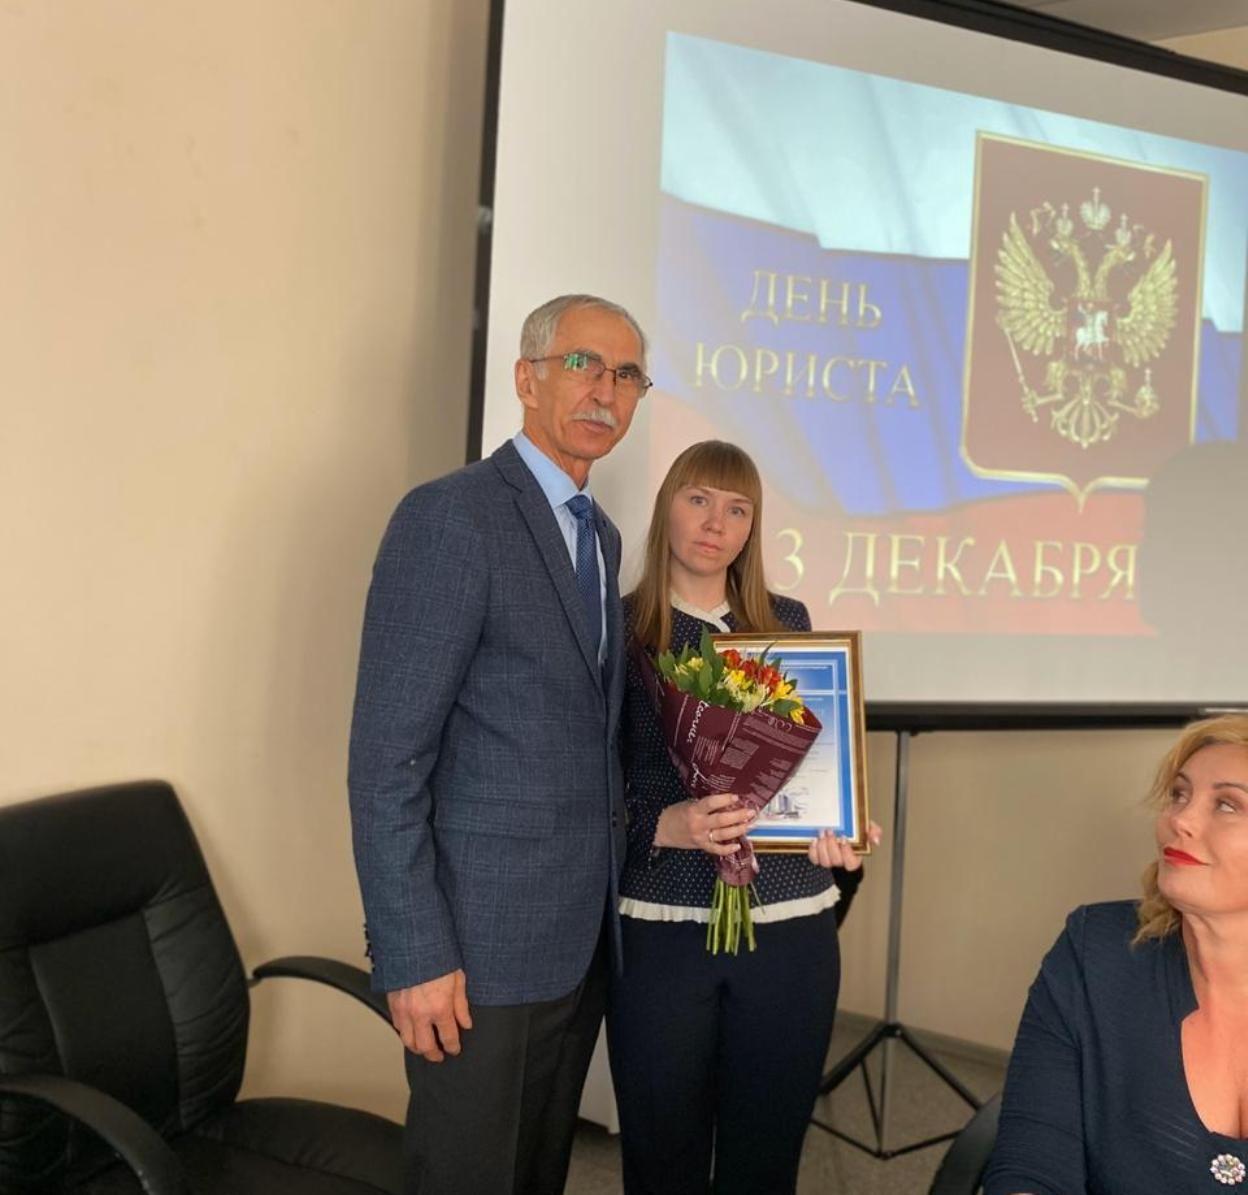 Представители Института права ВГУЭС приняли участие в торжественном мероприятии в Главном управлении Минюста России по Приморскому краю